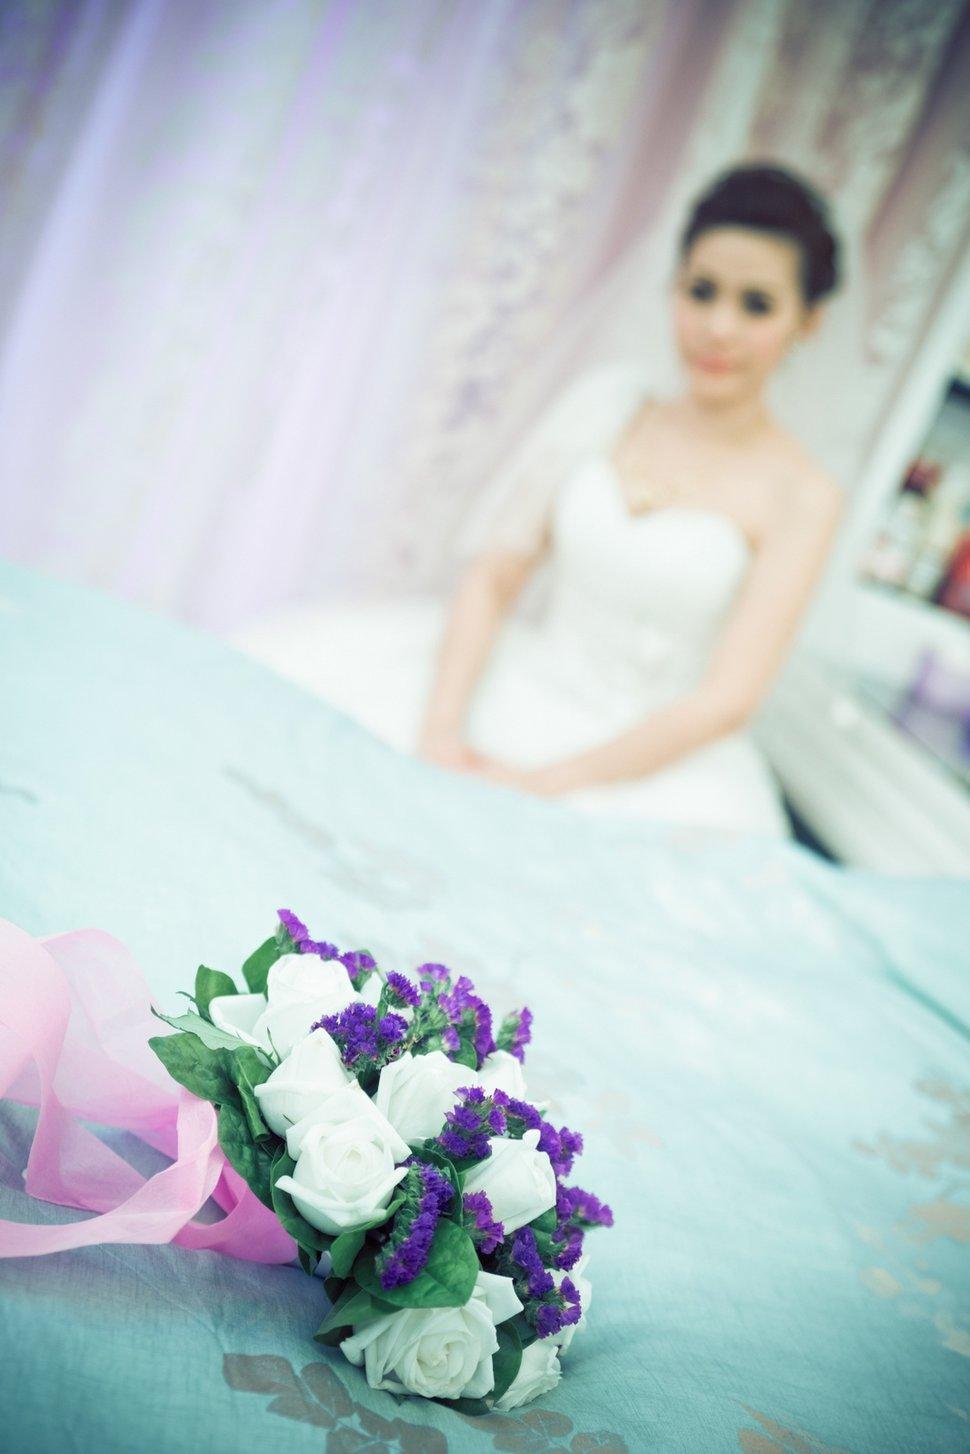 2014-01-18 0626 - 全職攝影師 Jerry  (婚攝杰瑞) - 結婚吧